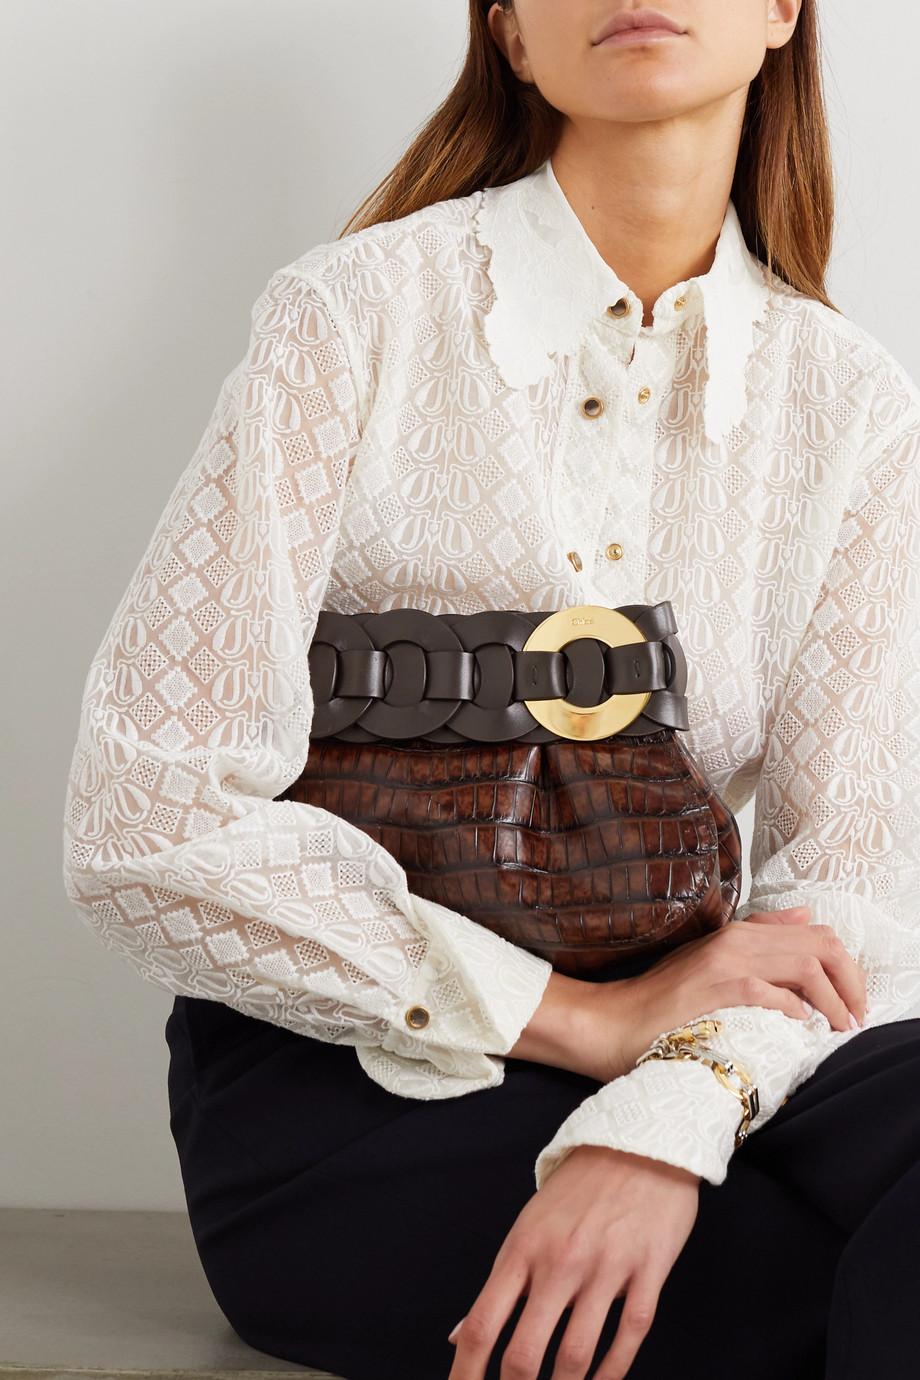 Chloé Darryl braided croc-effect leather clutch